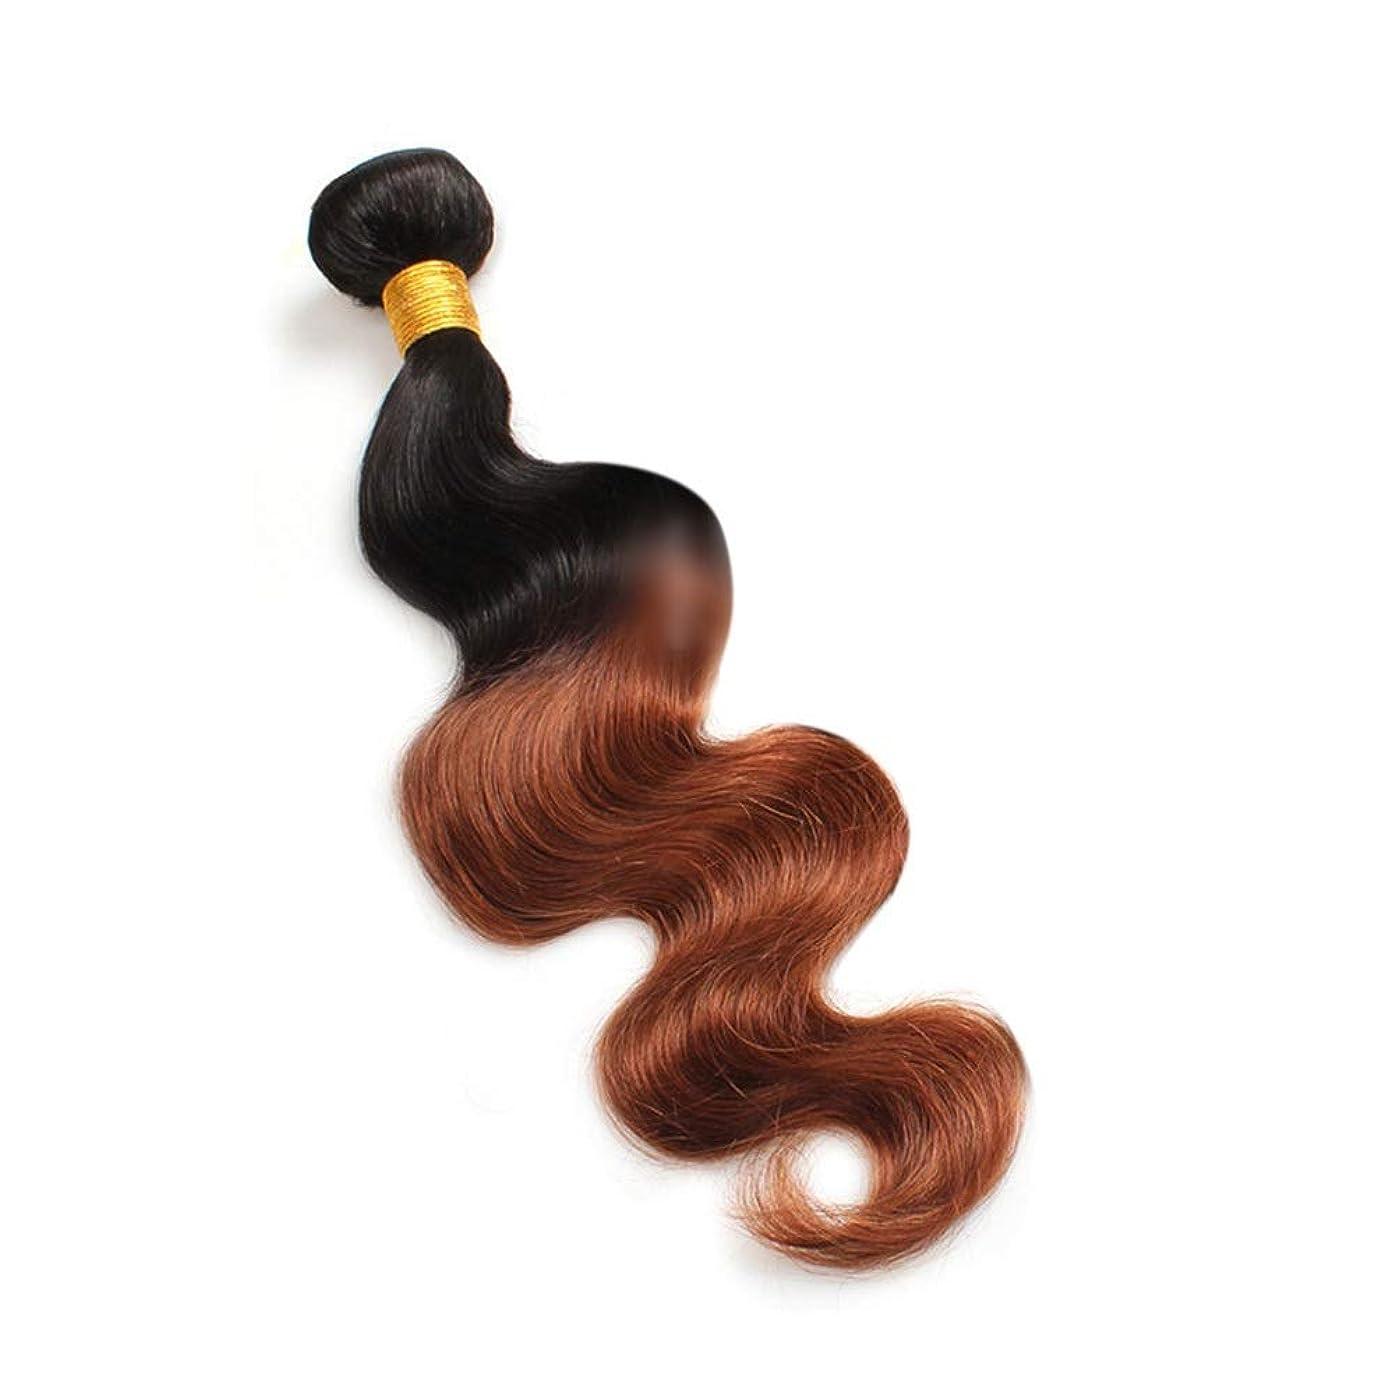 対処変化ベールYrattary 実体波人間の髪の毛1バンドルナチュラルヘアエクステンション横糸 - 1B / 30#黒と茶色のツートンカラー(100g / 1バンドル)合成髪レースかつらロールプレイングかつら長くて短い女性自然 (色 : ブラウン, サイズ : 24 inch)